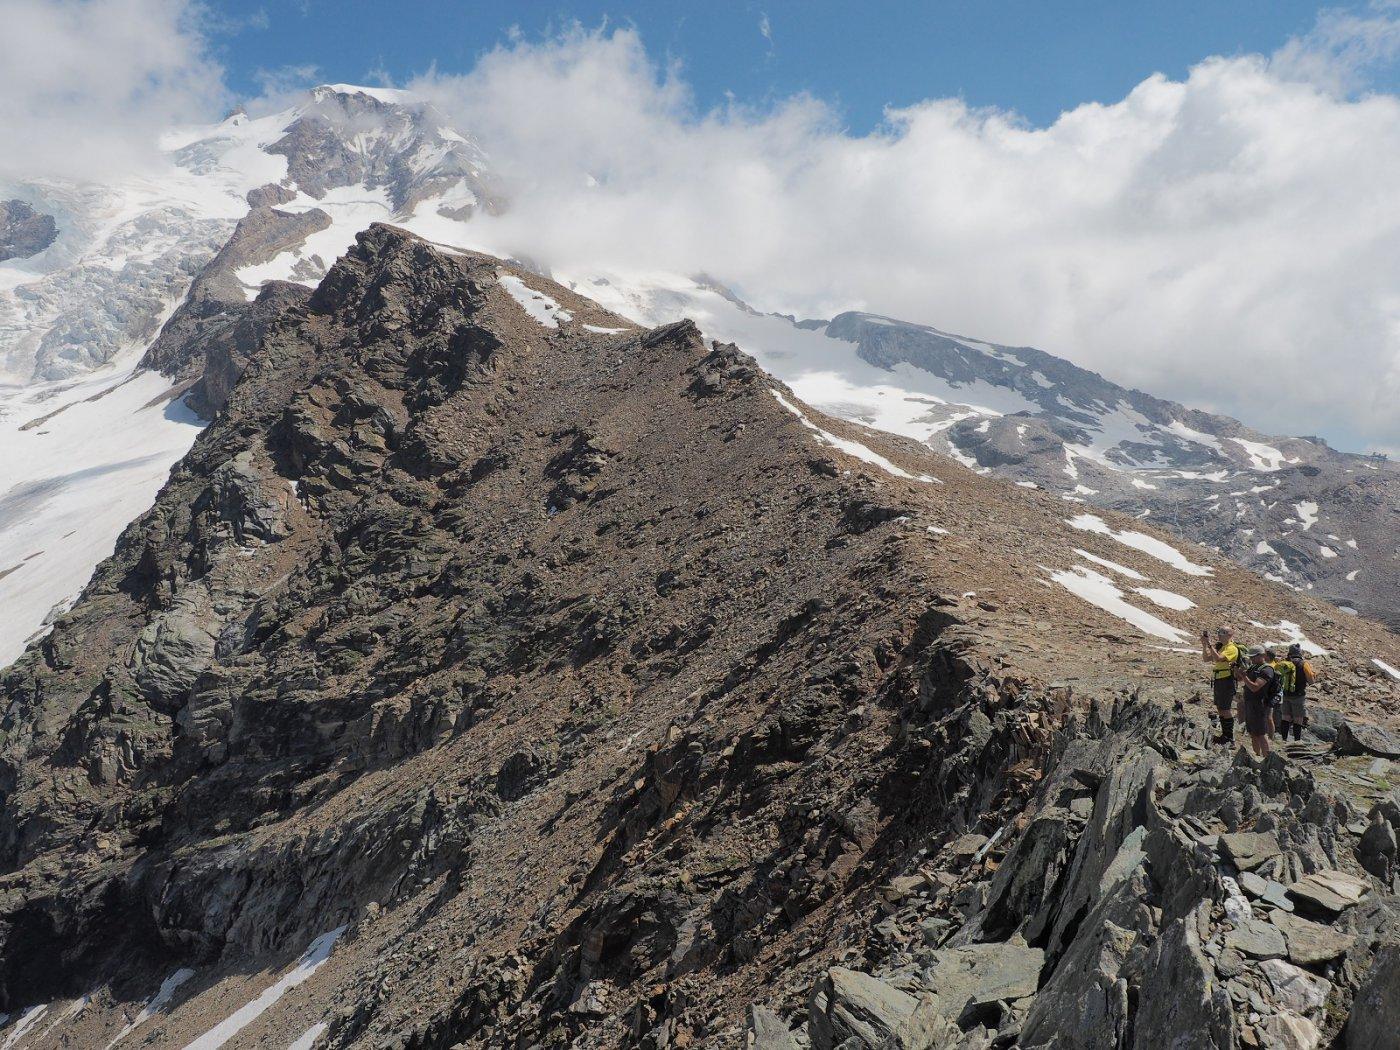 Foto di vetta! Sullo sfondo, seguendo la cresta, si vede la cima a 3348 m e dietro, imponente, la Piramide Vincent